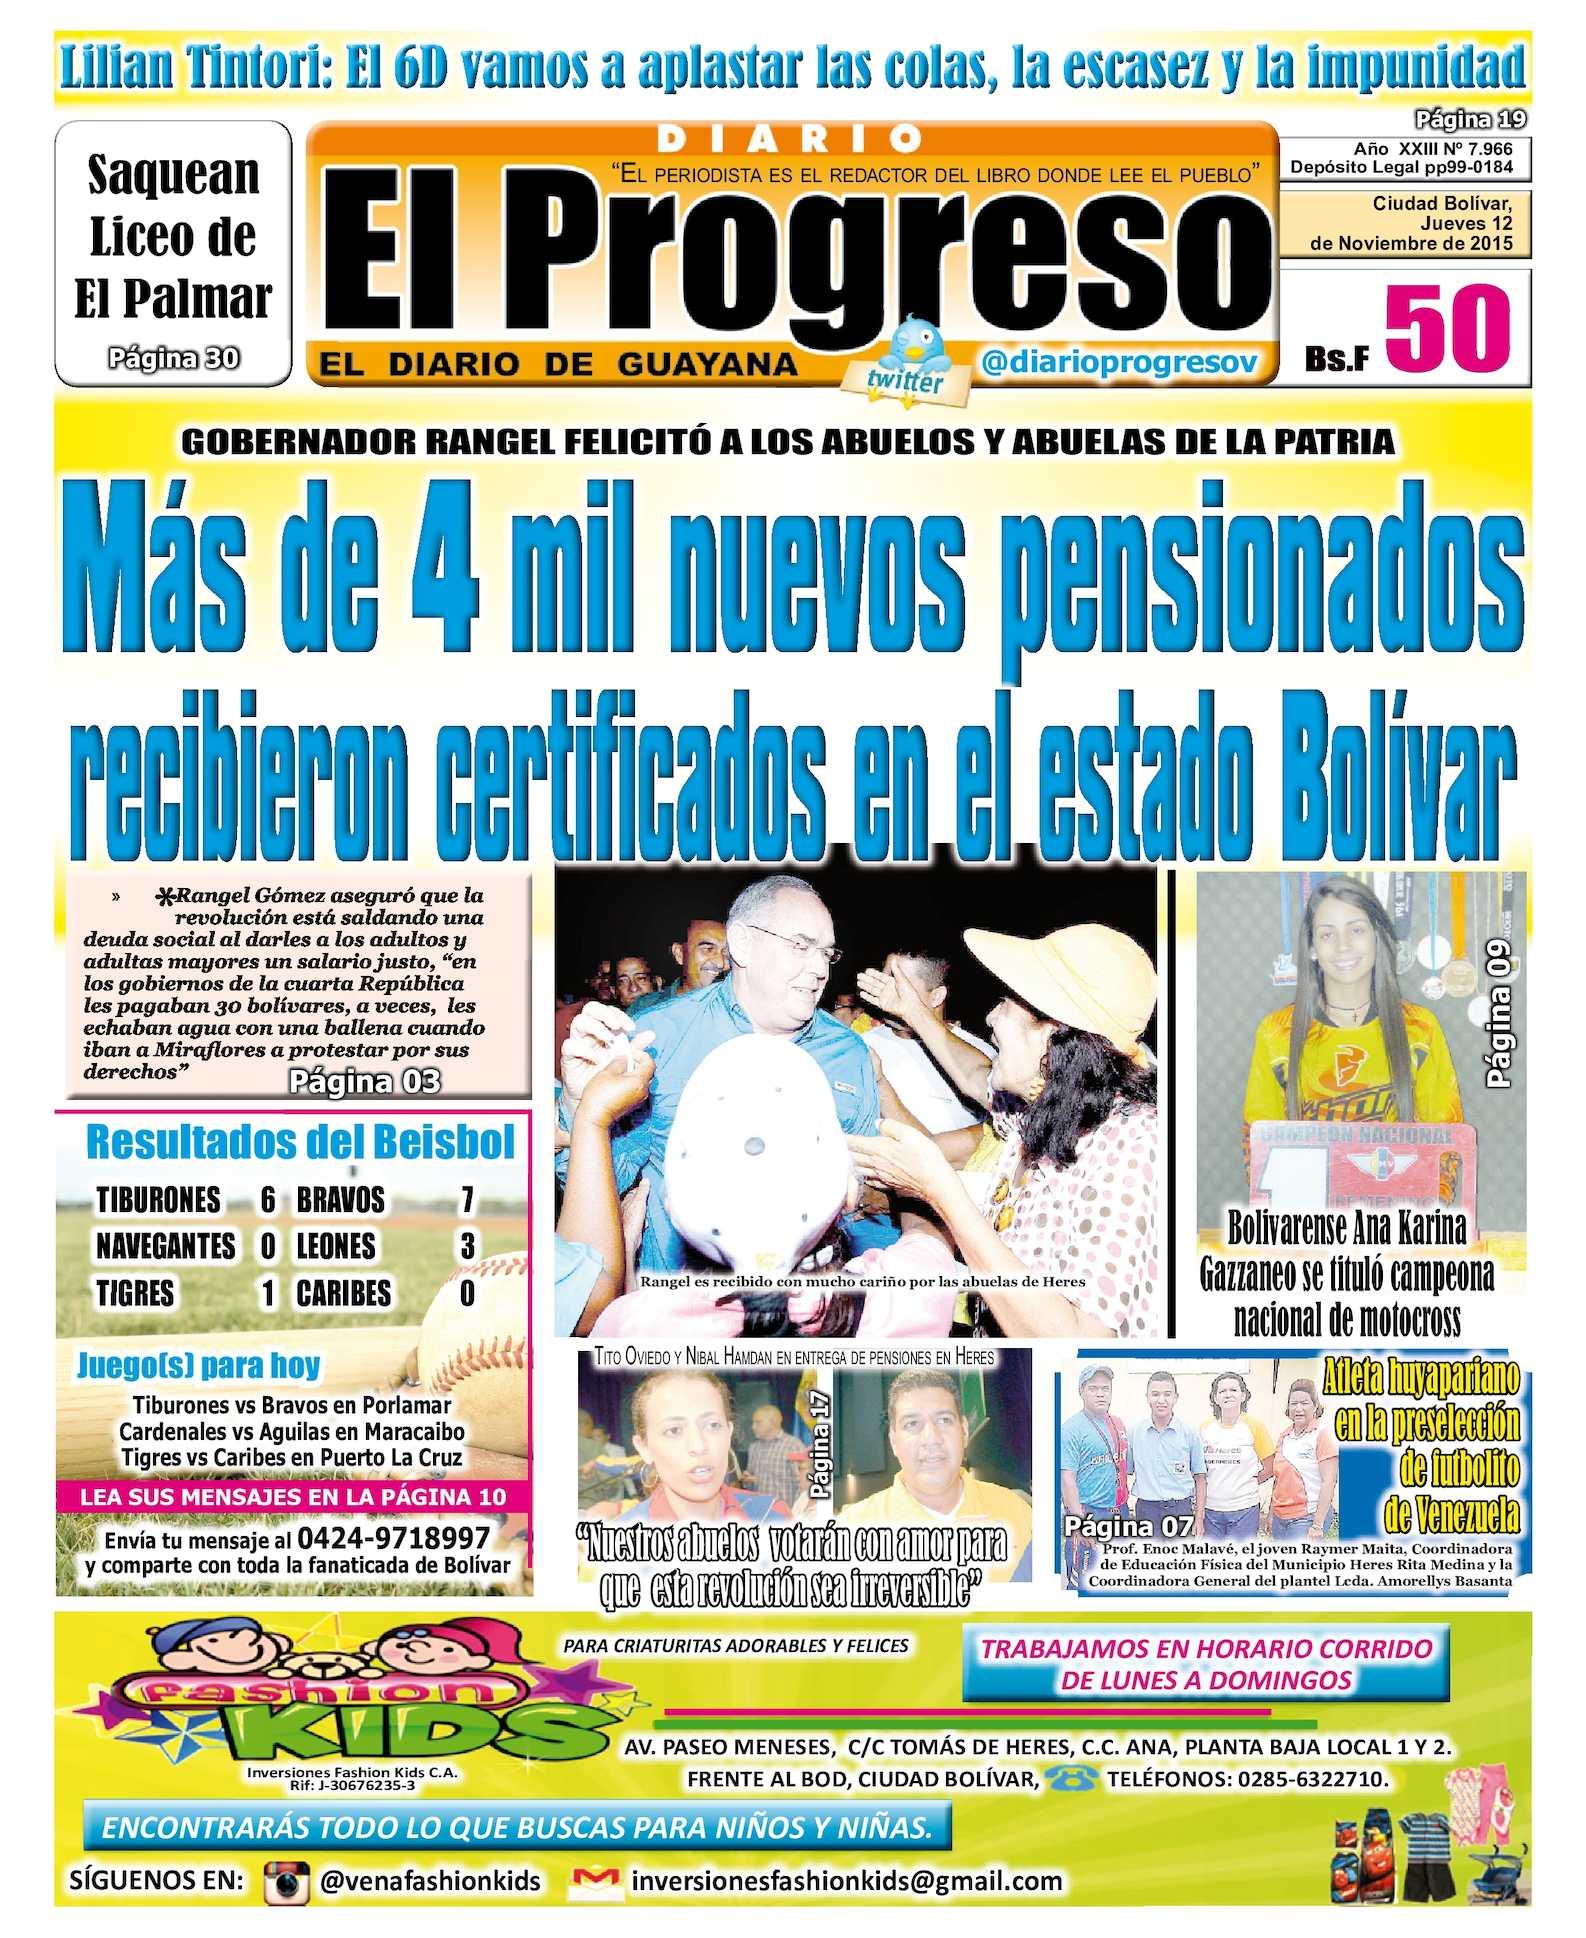 Calaméo DiarioelprogresoEDICIÓNDIGITAL 12 11 2015